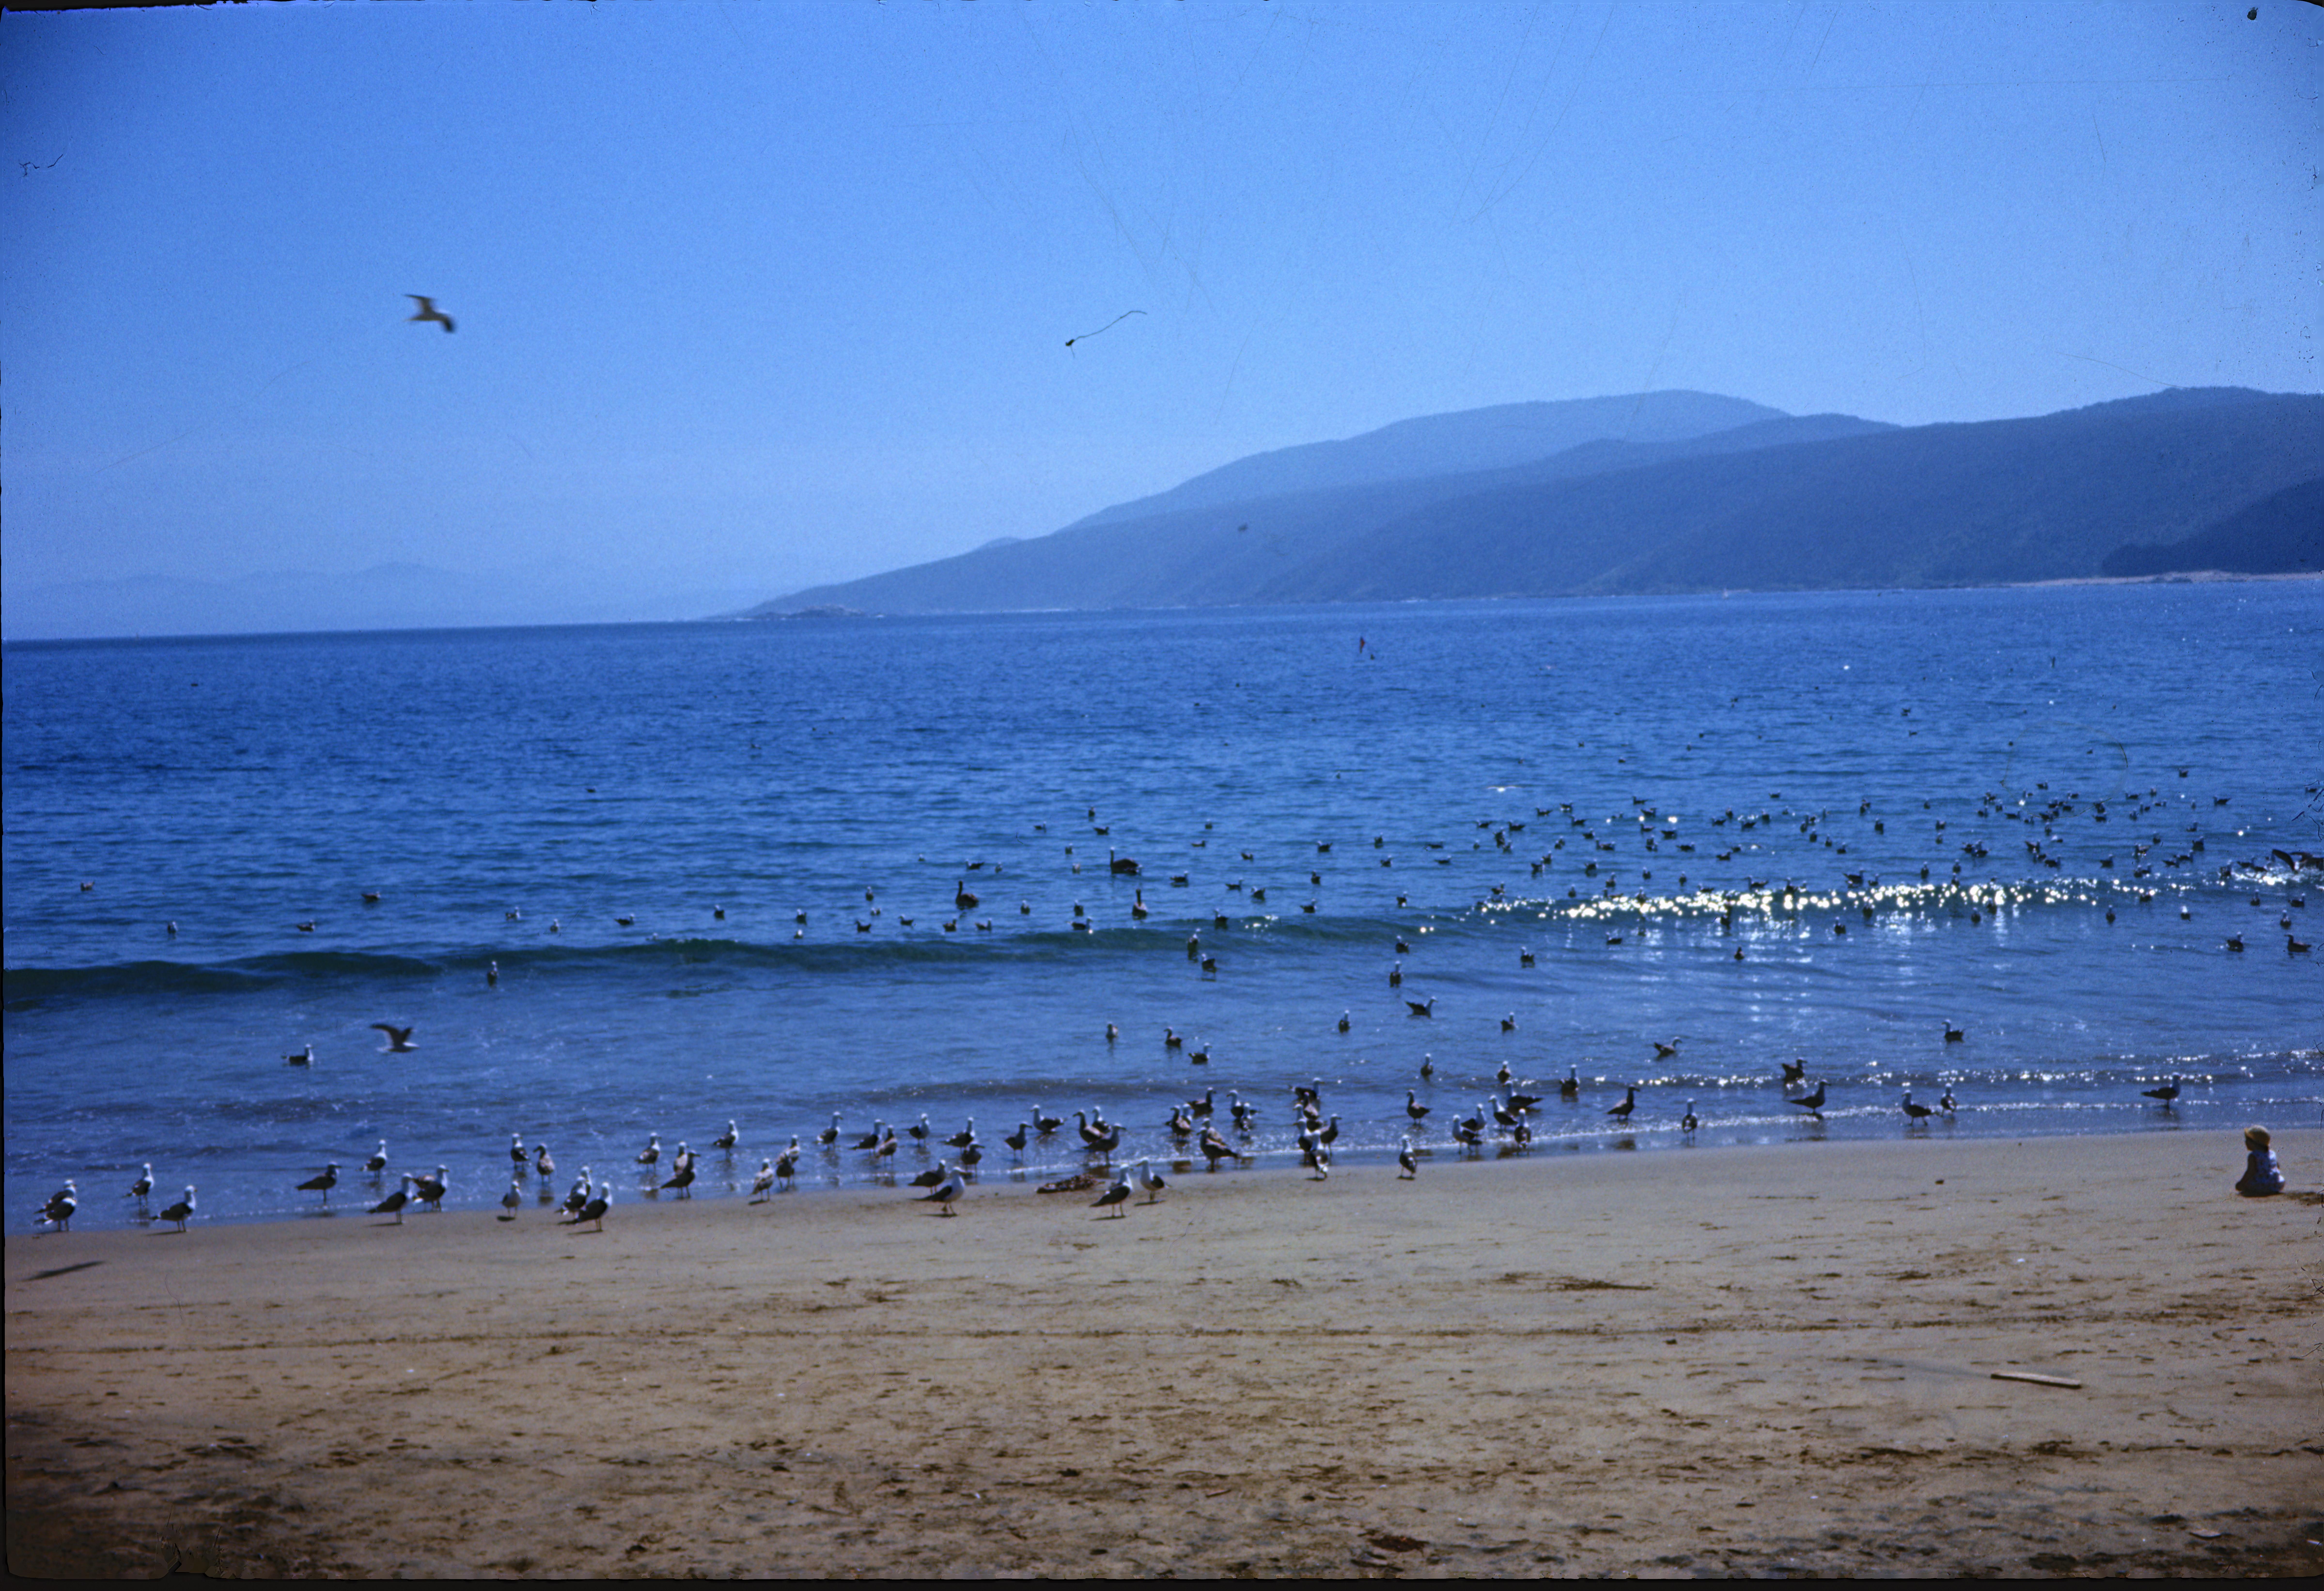 Enterreno - Fotos históricas de chile - fotos antiguas de Chile - Playa Grande de Papudo en 1968